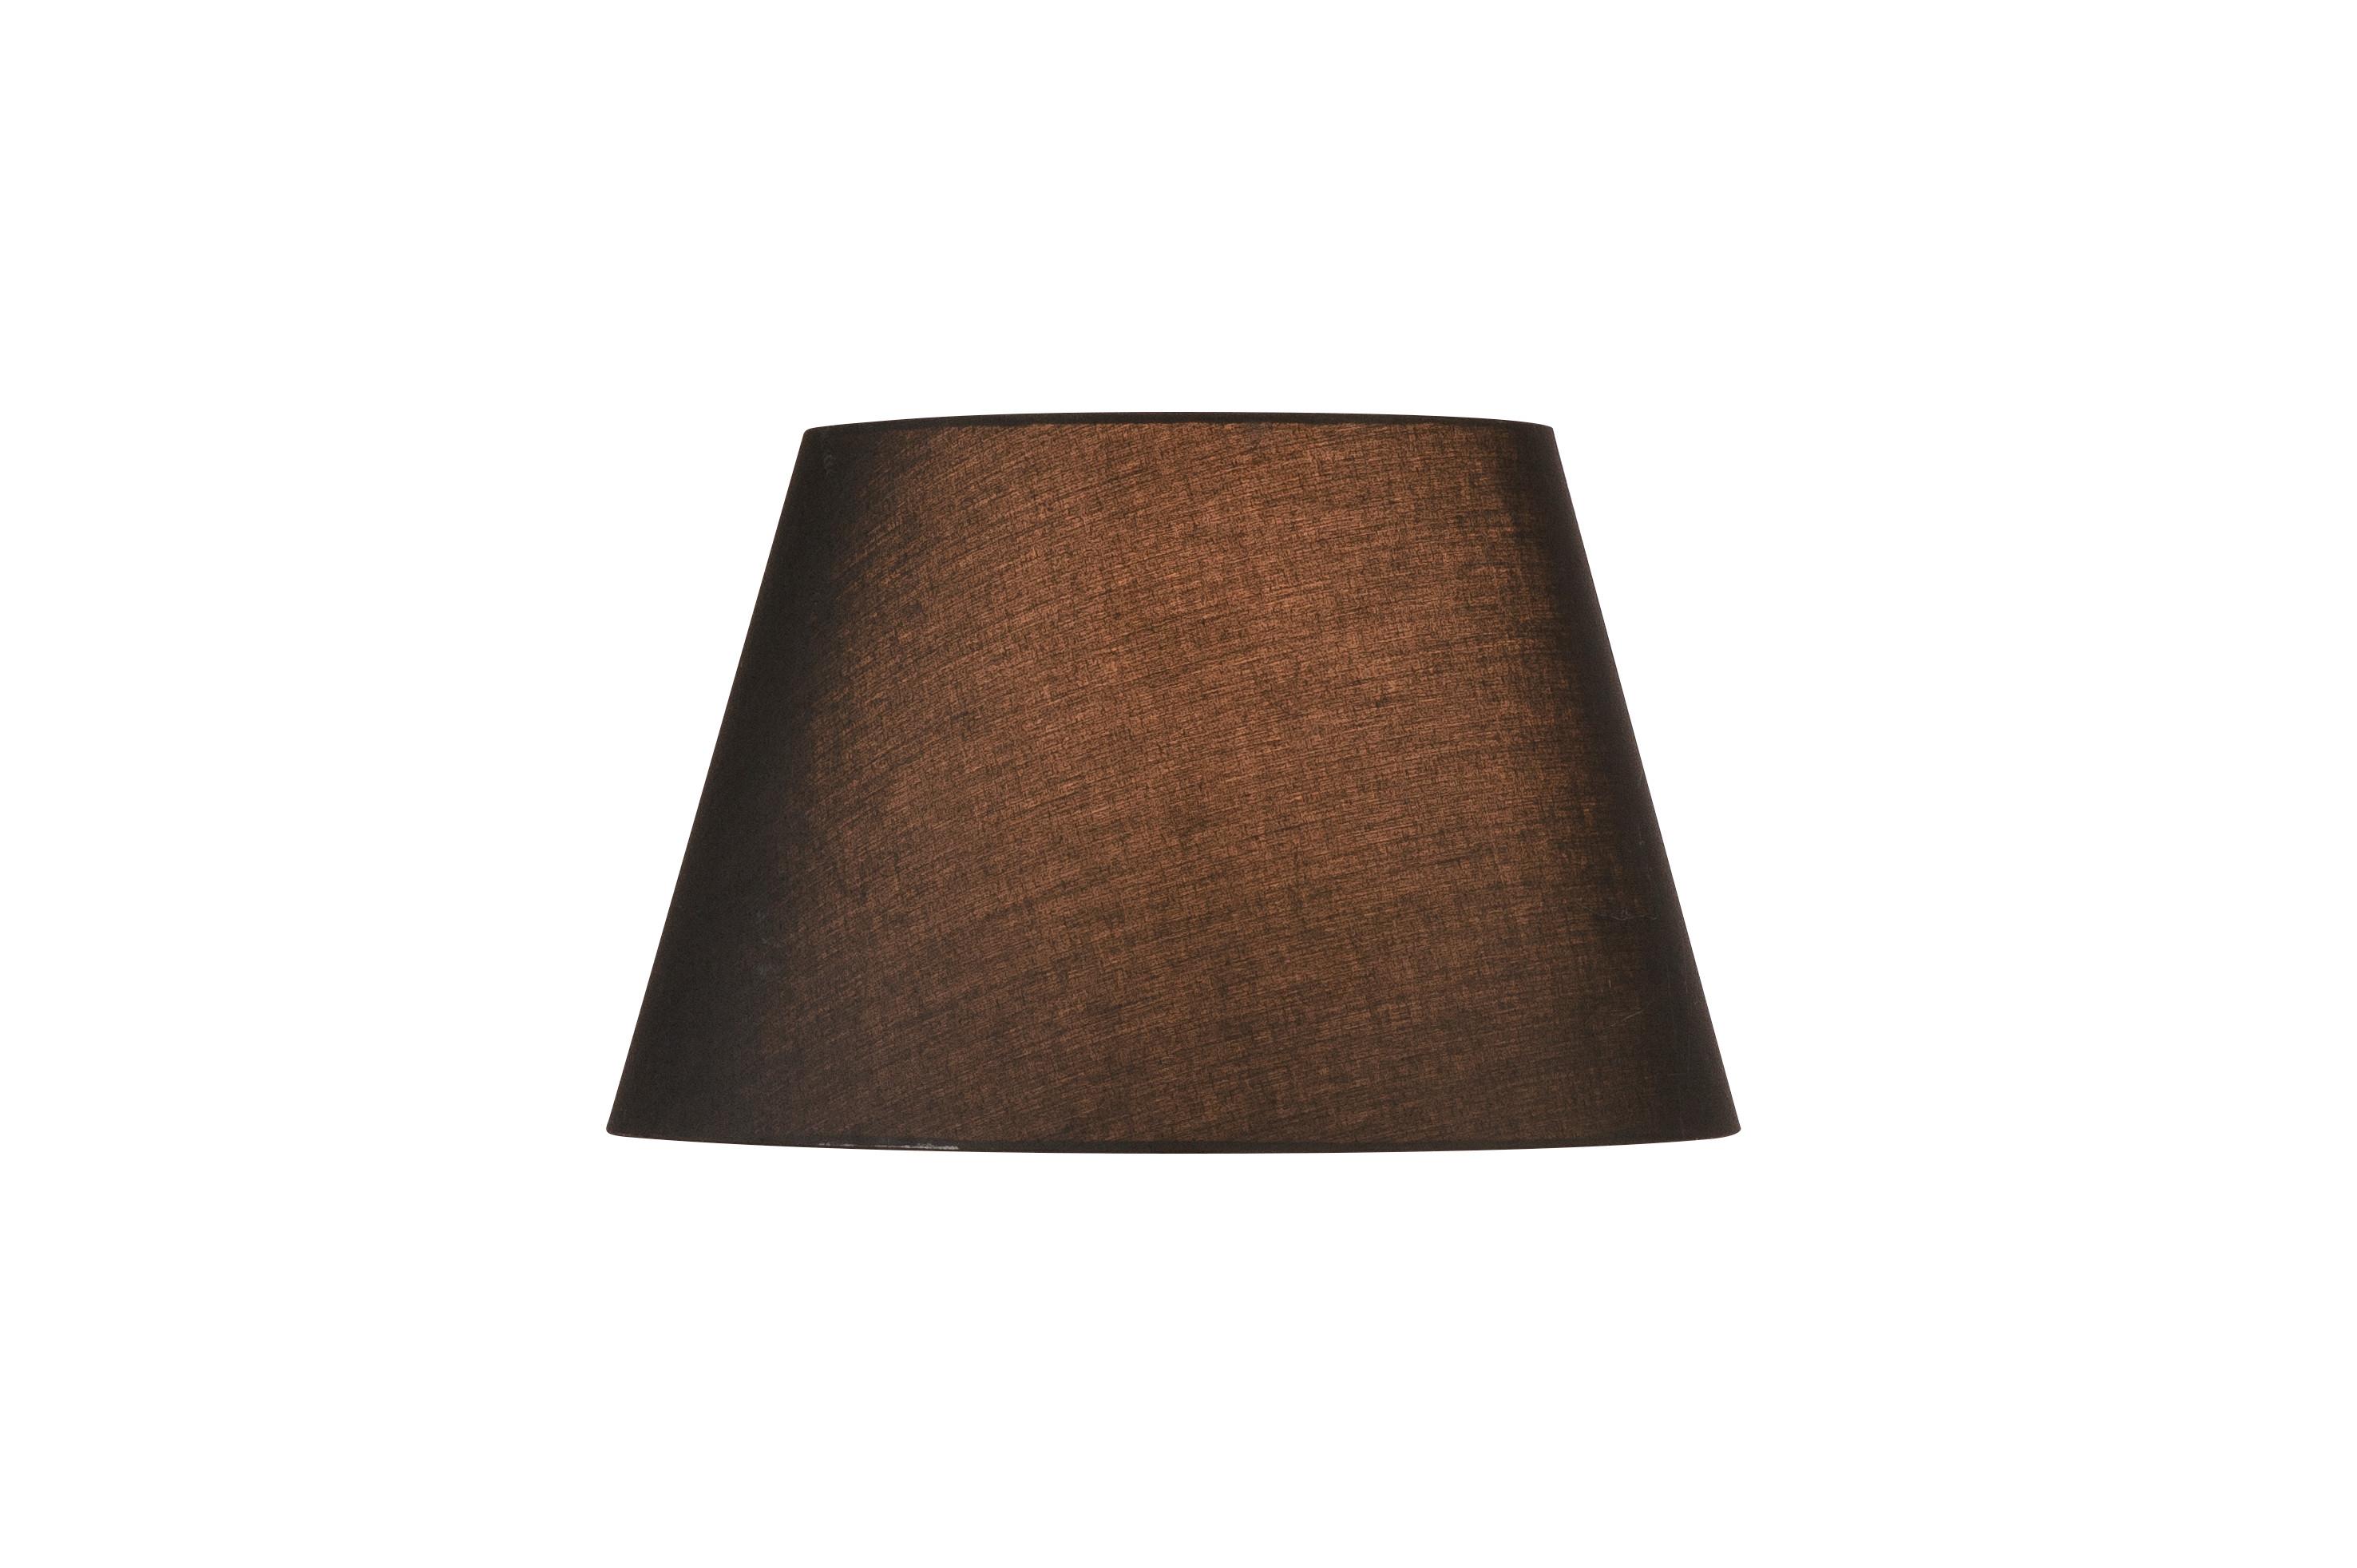 1 Stk FENDA, Leuchtenschirm, konisch, schwarz, Ø/H 45,5/28 cm LI156180--